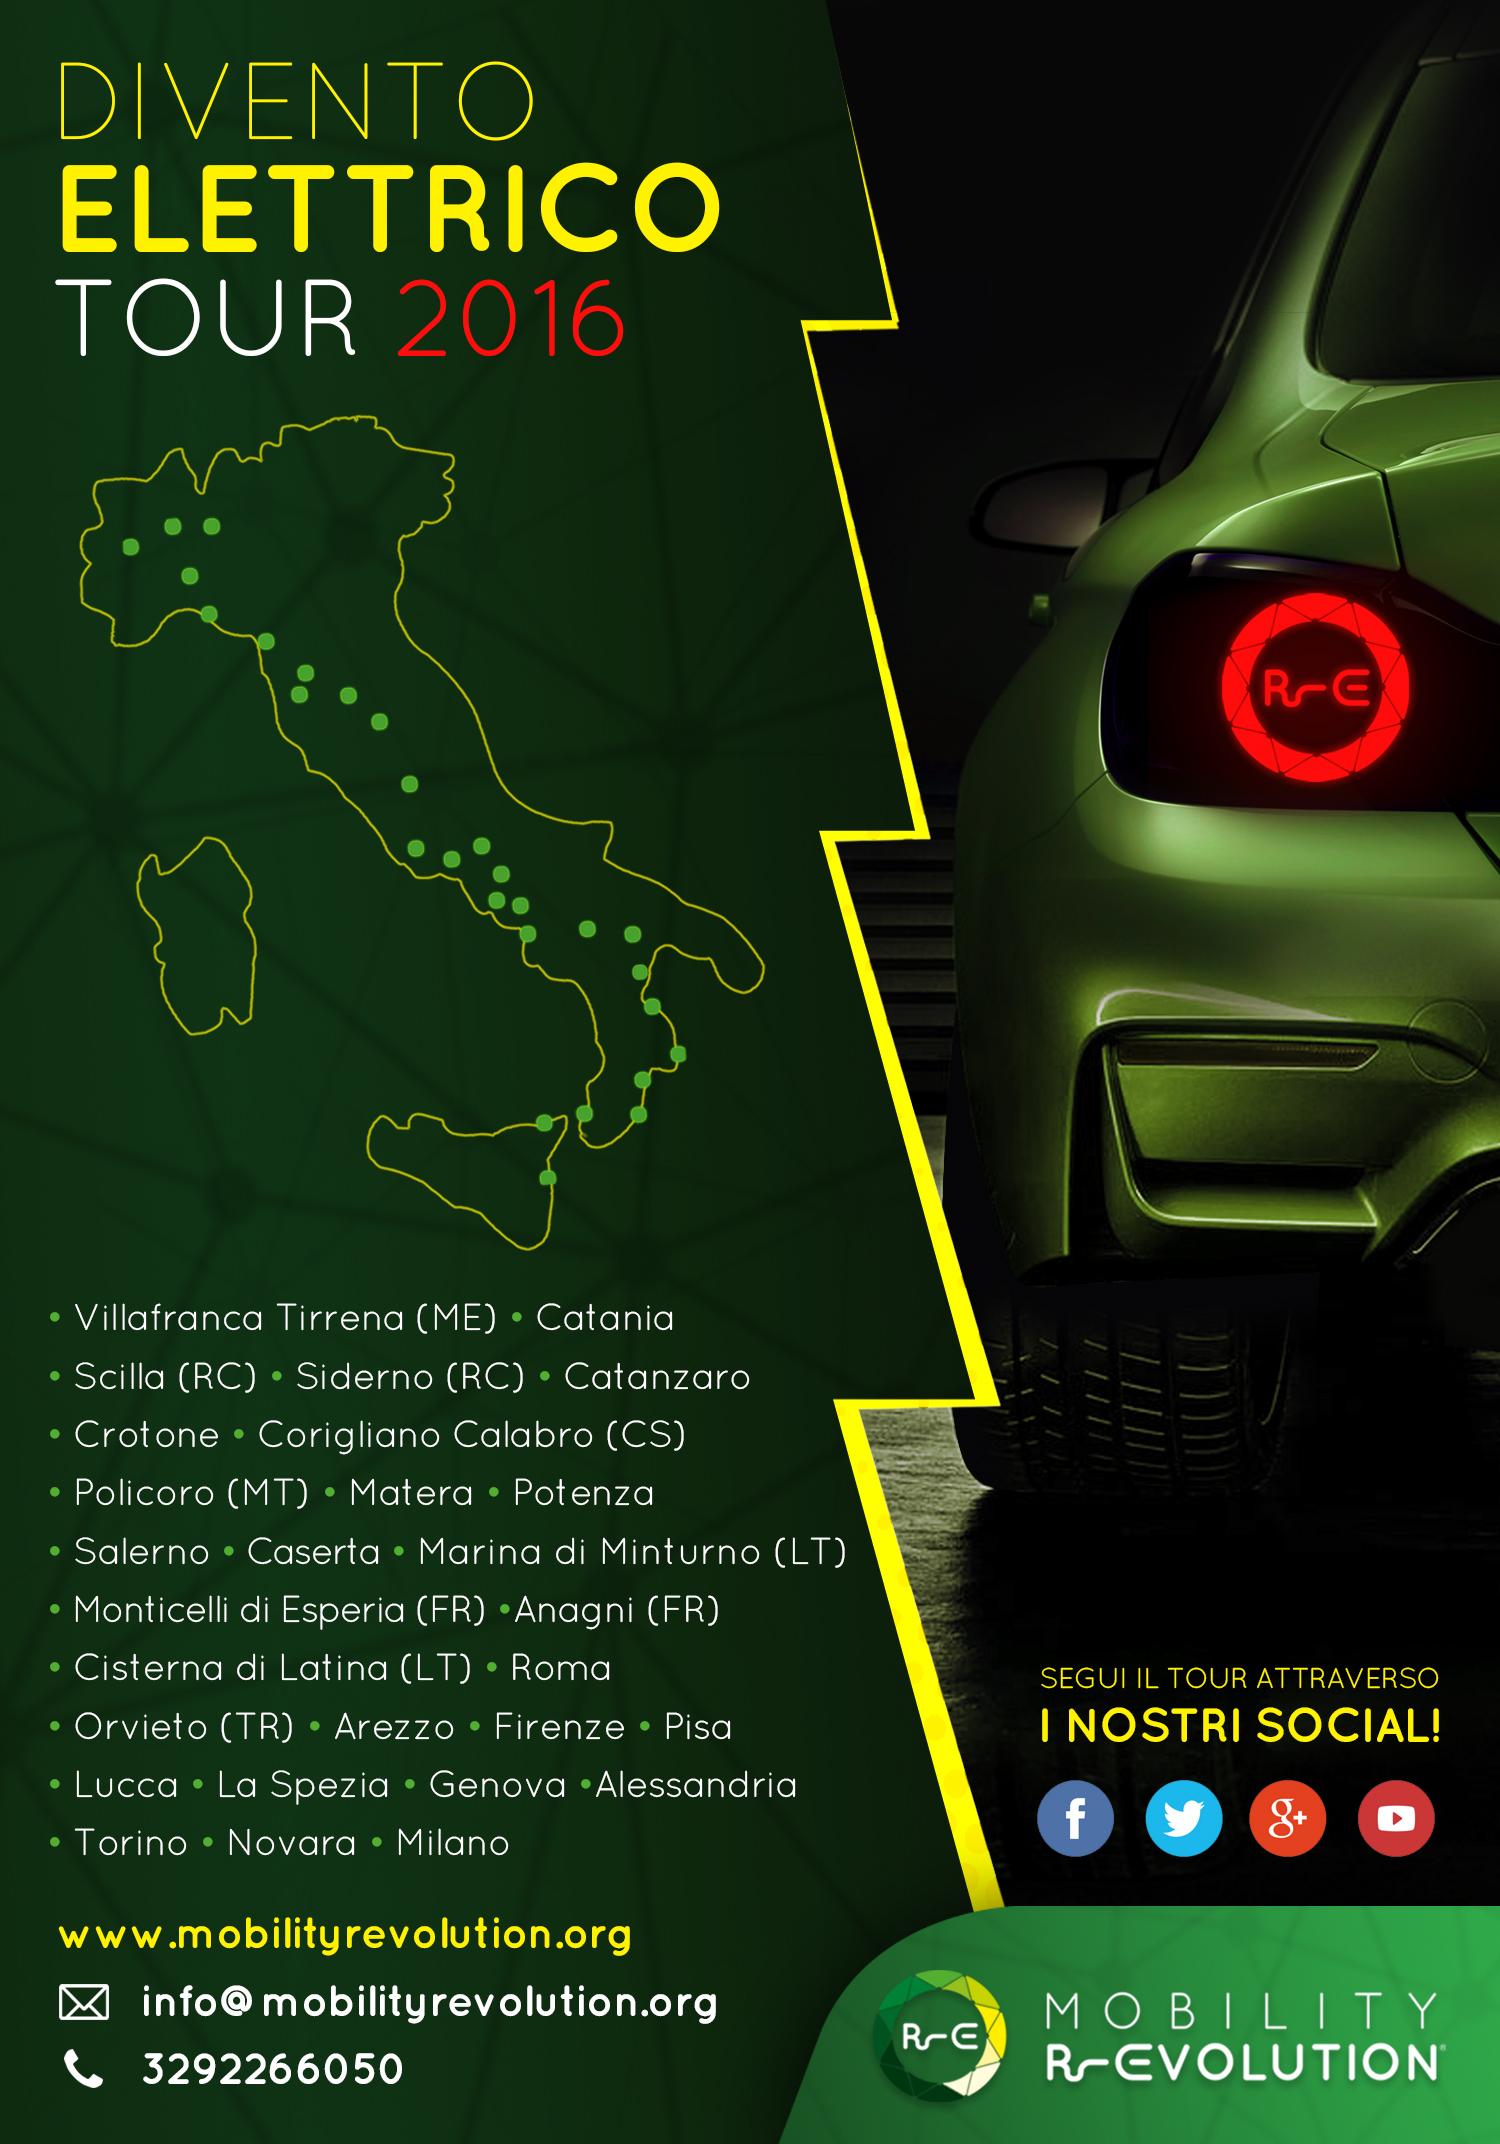 Divento Elettrico Tour 2016 Veicoli Elettrici